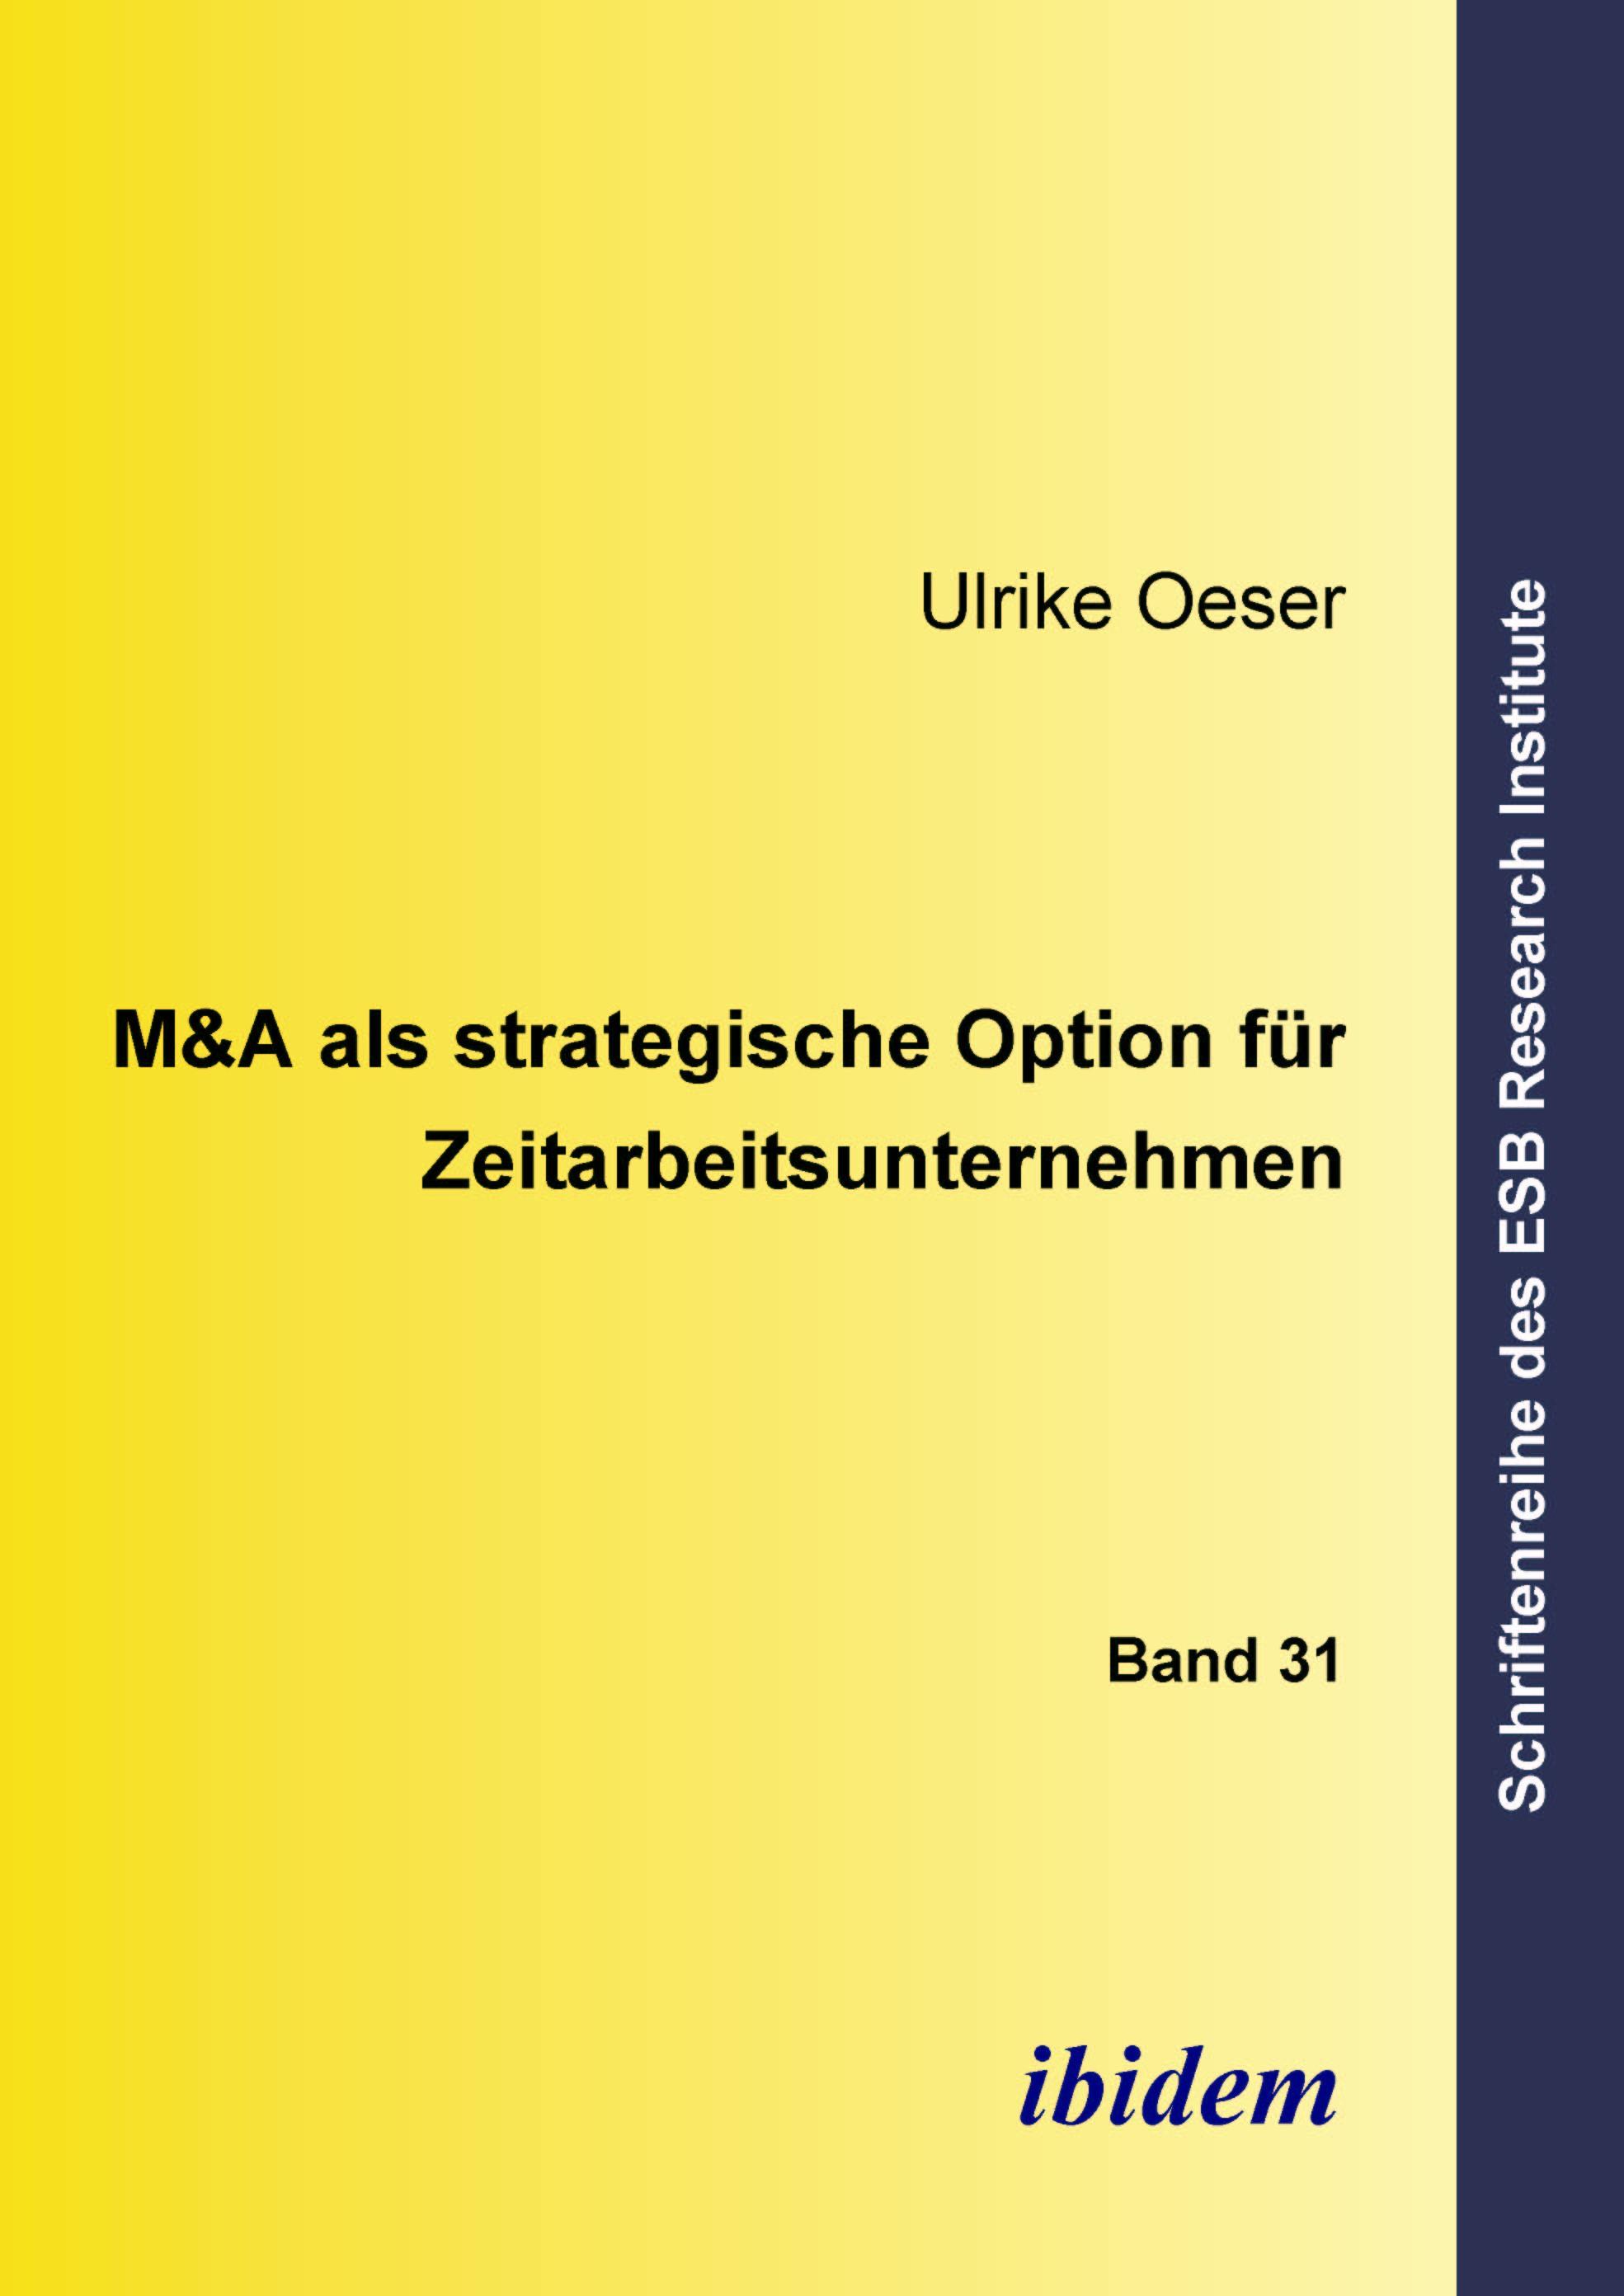 M&A als strategische Option für Zeitarbeitsunternehmen